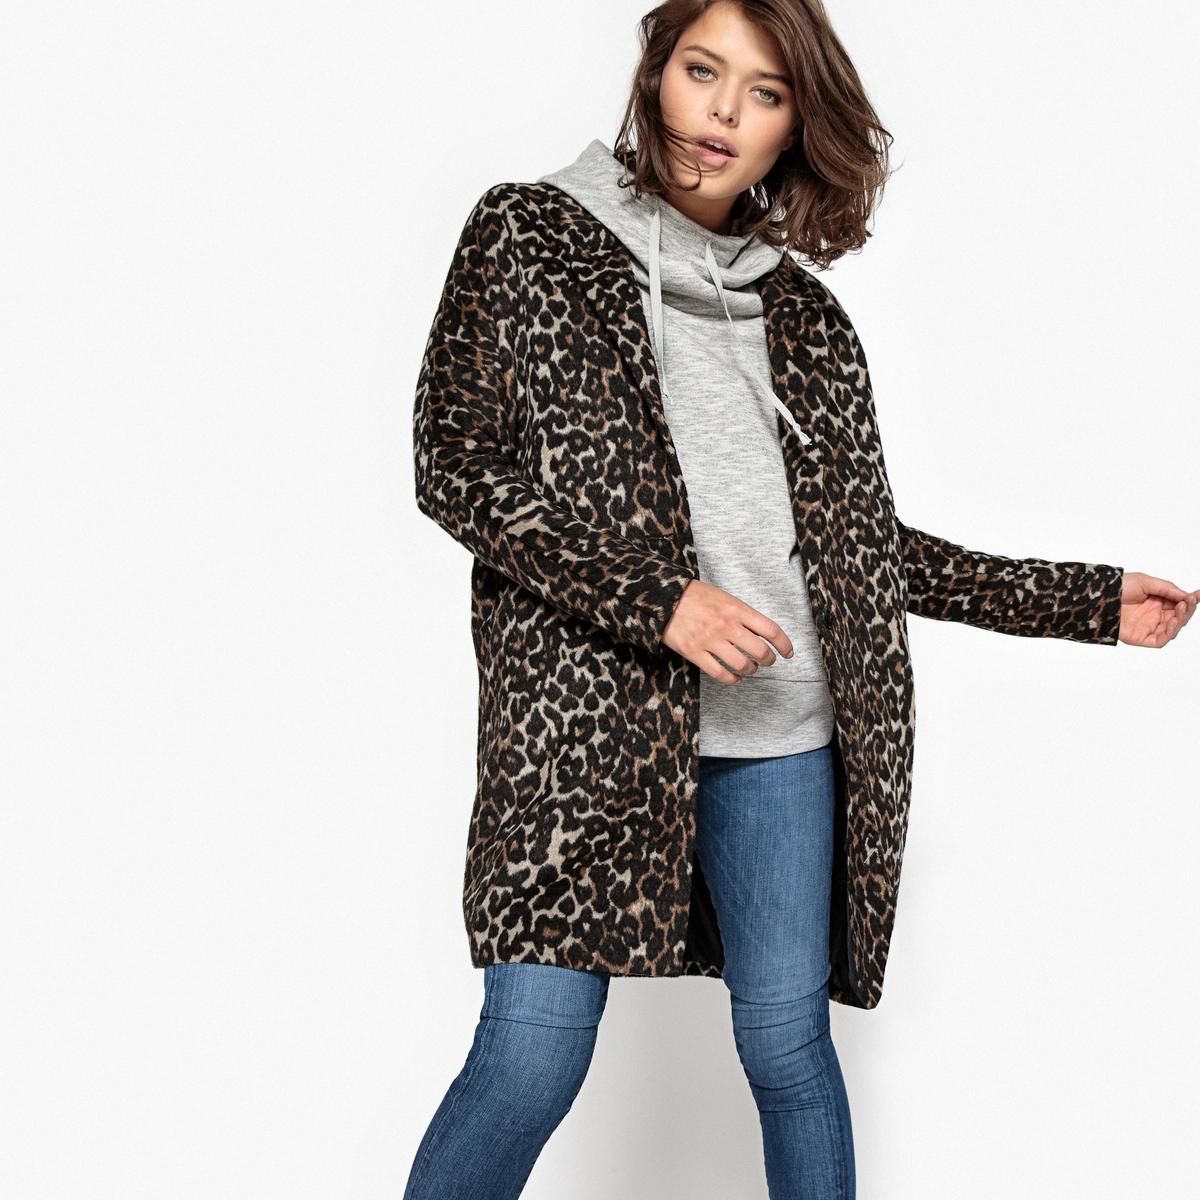 Пальто с леопардовым принтомОписание:Невероятно милое пальто с леопардовым принтом. Это пальто Mexico от SCHOOL RAG сочетает стиль и комфорт. Это пальто быстро станет вашим любимым .Детали •  Длина : удлиненная модель •  Шалевый воротник •  Рисунок-принт • Застежка на пуговицыСостав и уход •  5% шерсти, 95% других волокон •  Следуйте рекомендациям по уходу, указанным на этикетке изделия<br><br>Цвет: леопардовый рисунок<br>Размер: XS